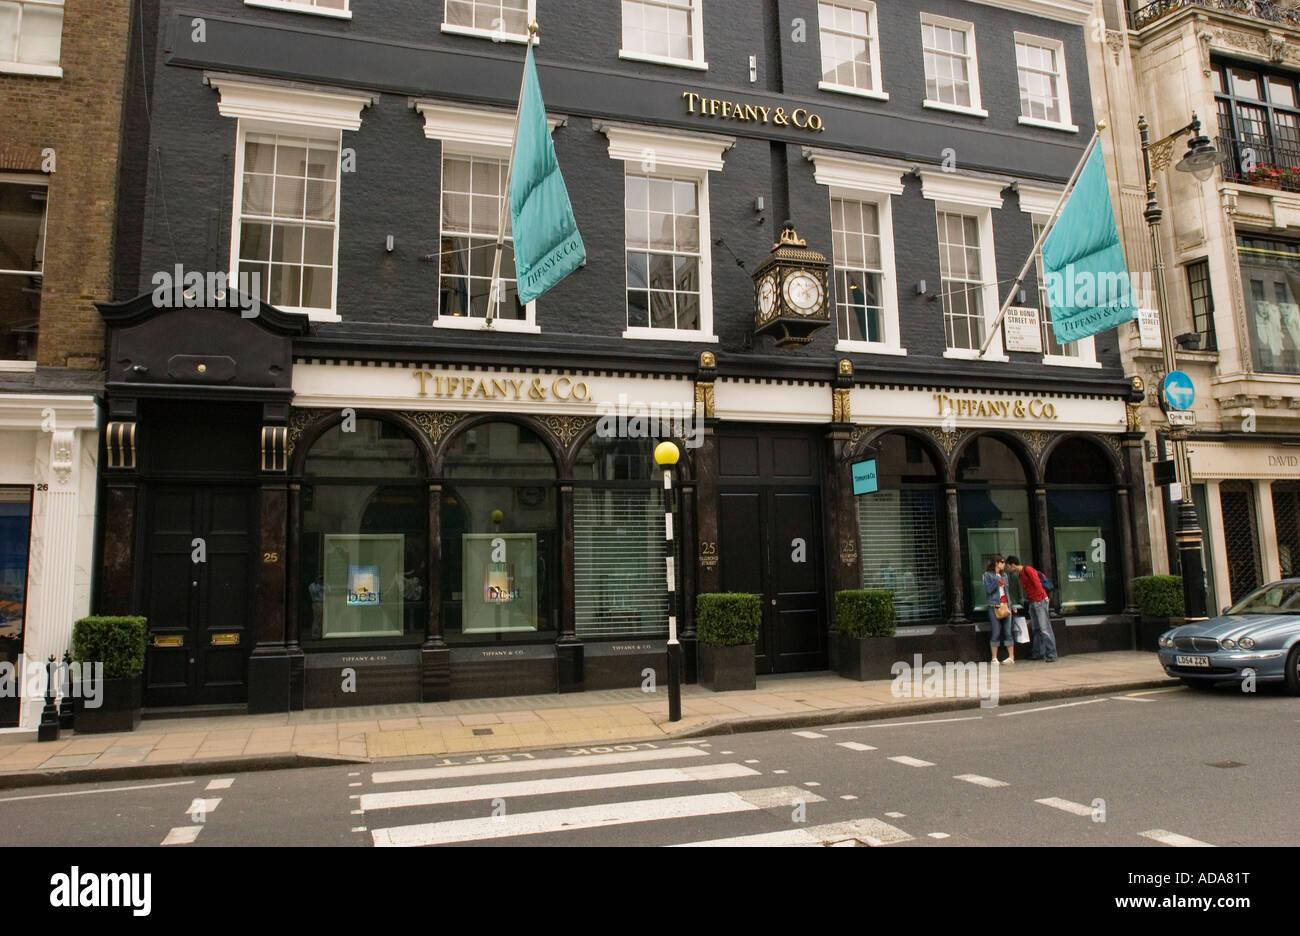 Street facade of a building, Dover Street, London, England - Stock Image